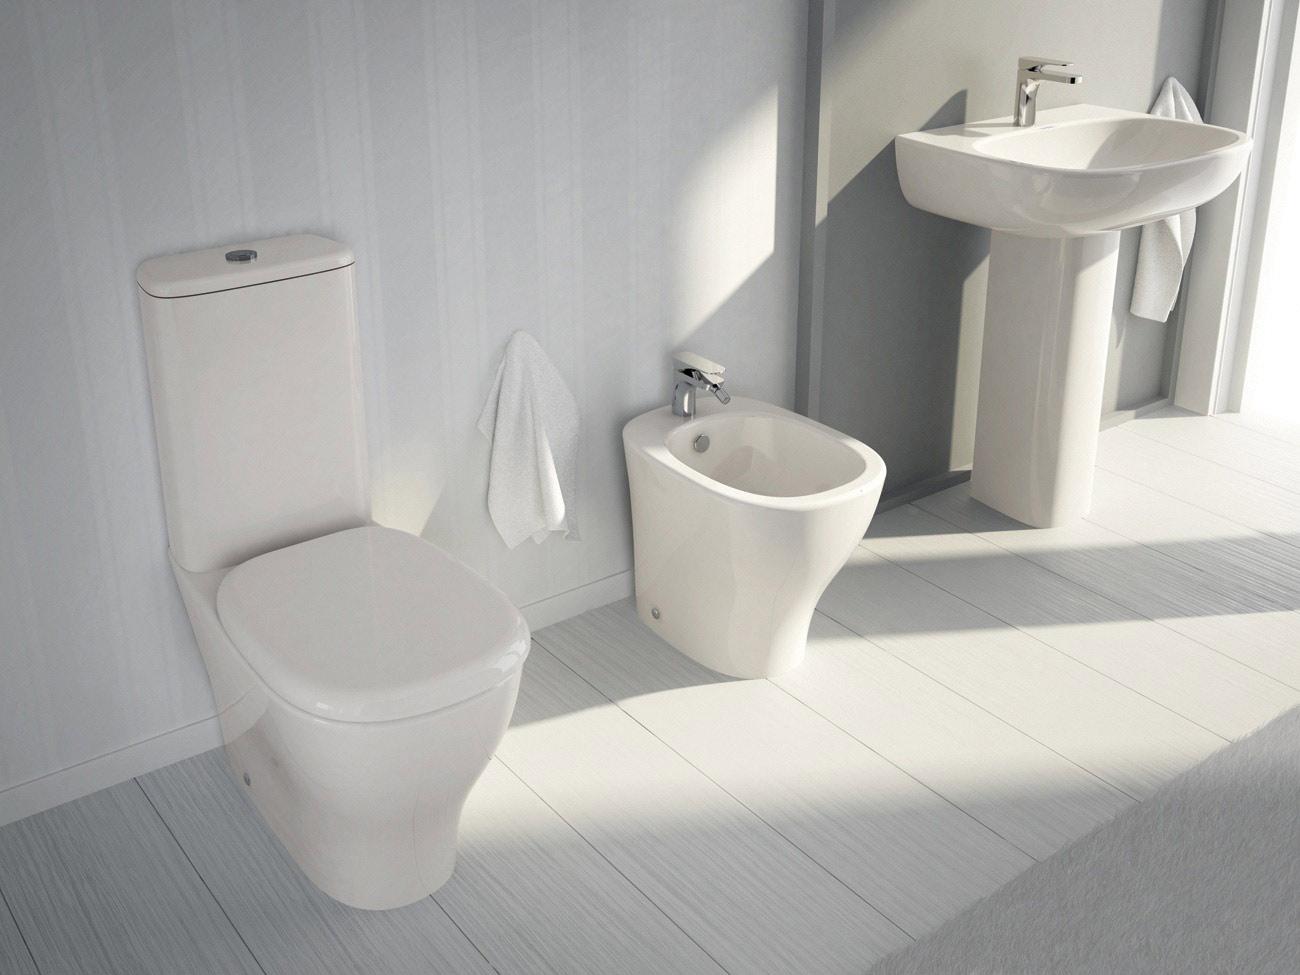 Scopri la vasta gamma di sanitari hidra ceramica sul nostro sito